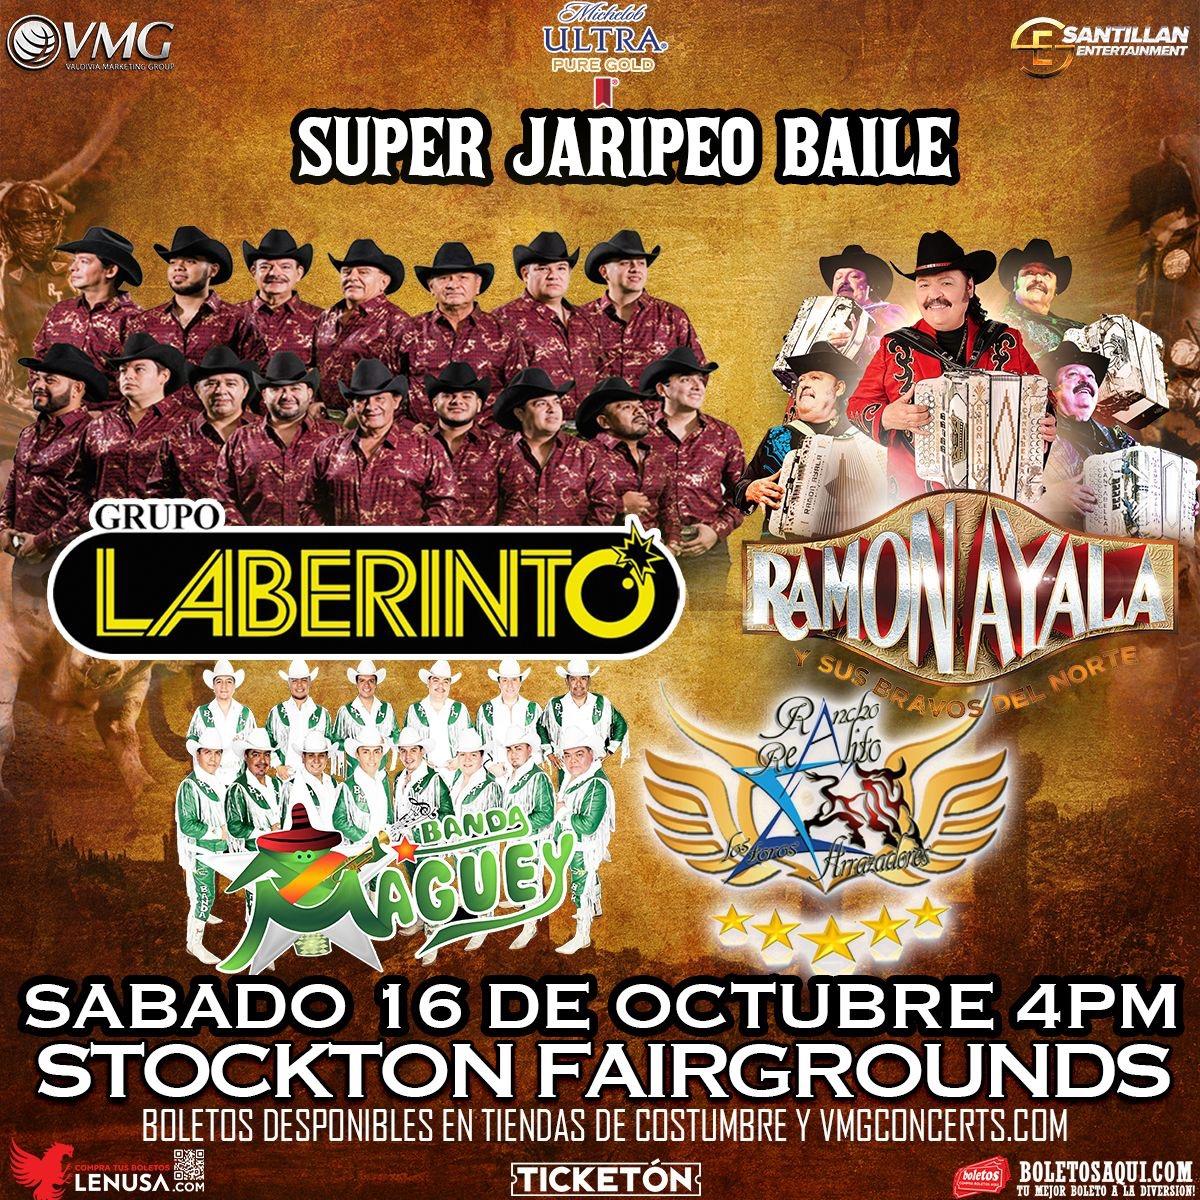 Super Jaripeo Baile con Grupo Laberinto, Ramon Ayala y Banda Maguey. Rancho Realito los toros arrazadores. – Terrenos de la Feria de Stockton – Stockton, CA